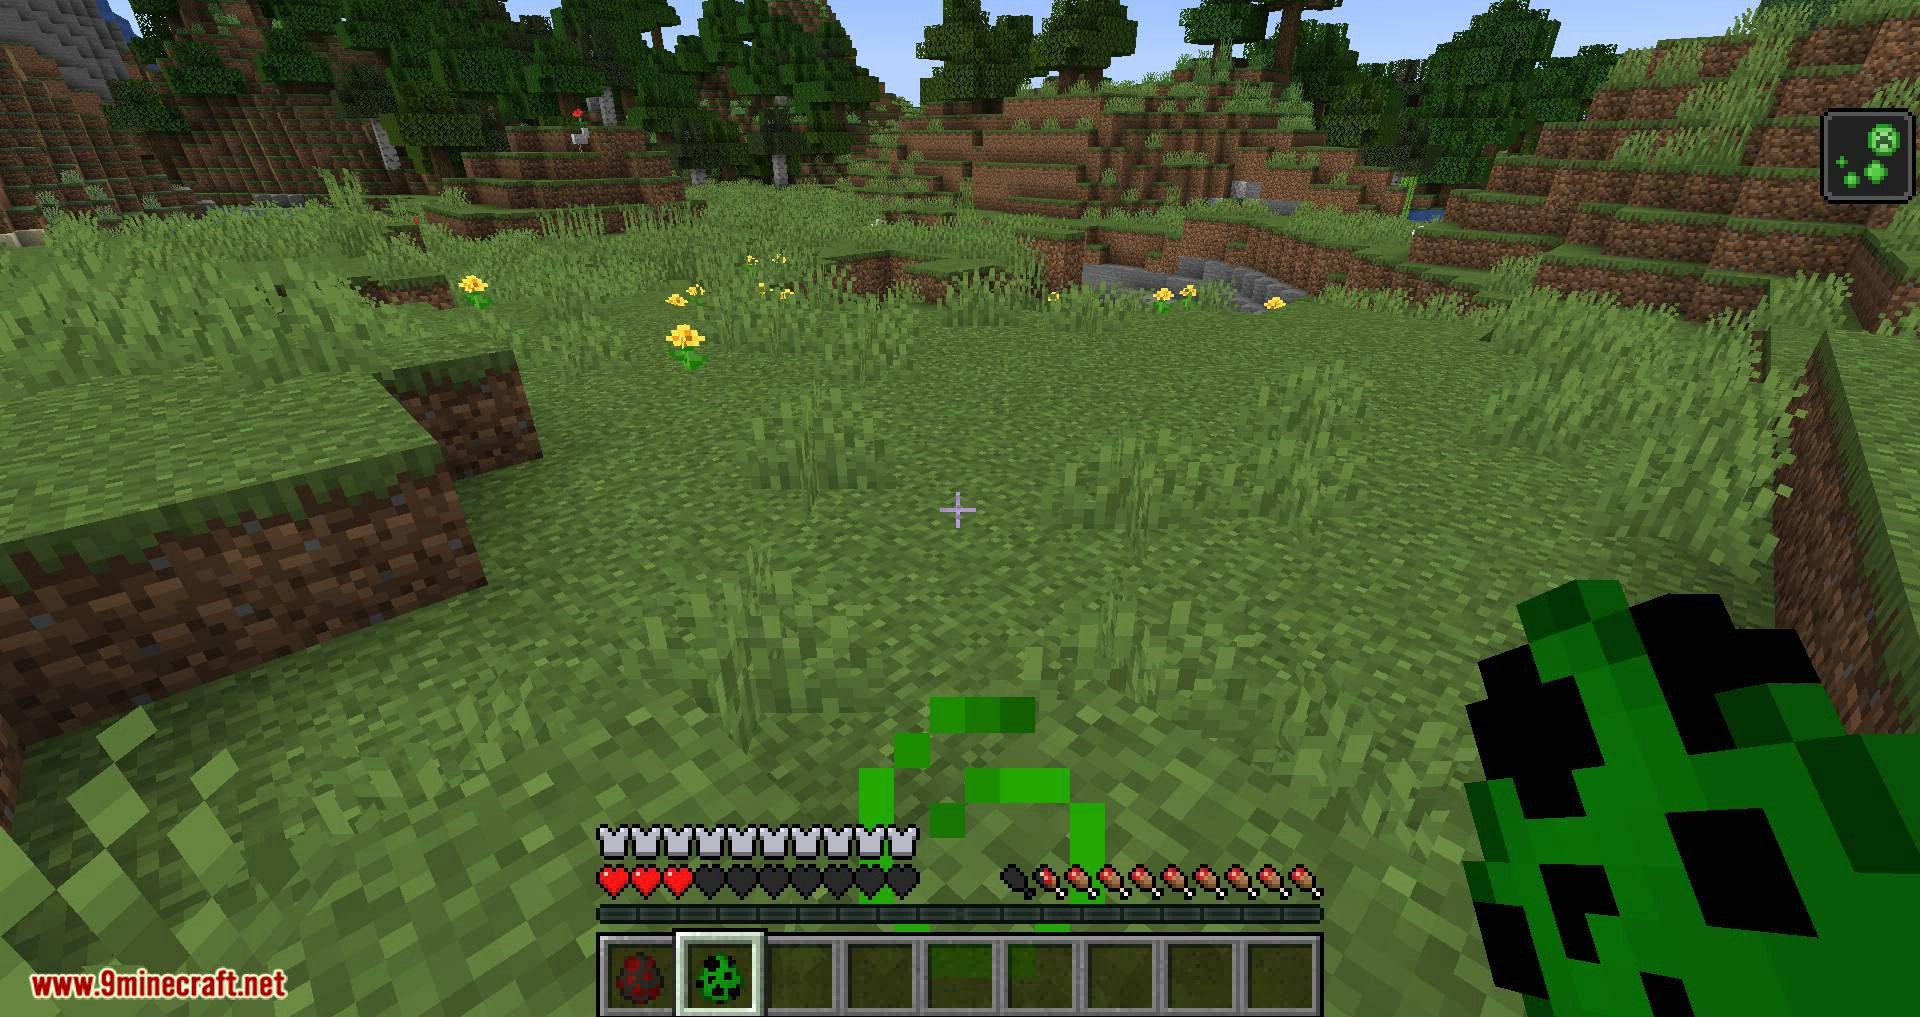 Creeper Spores mod for minecraft 11